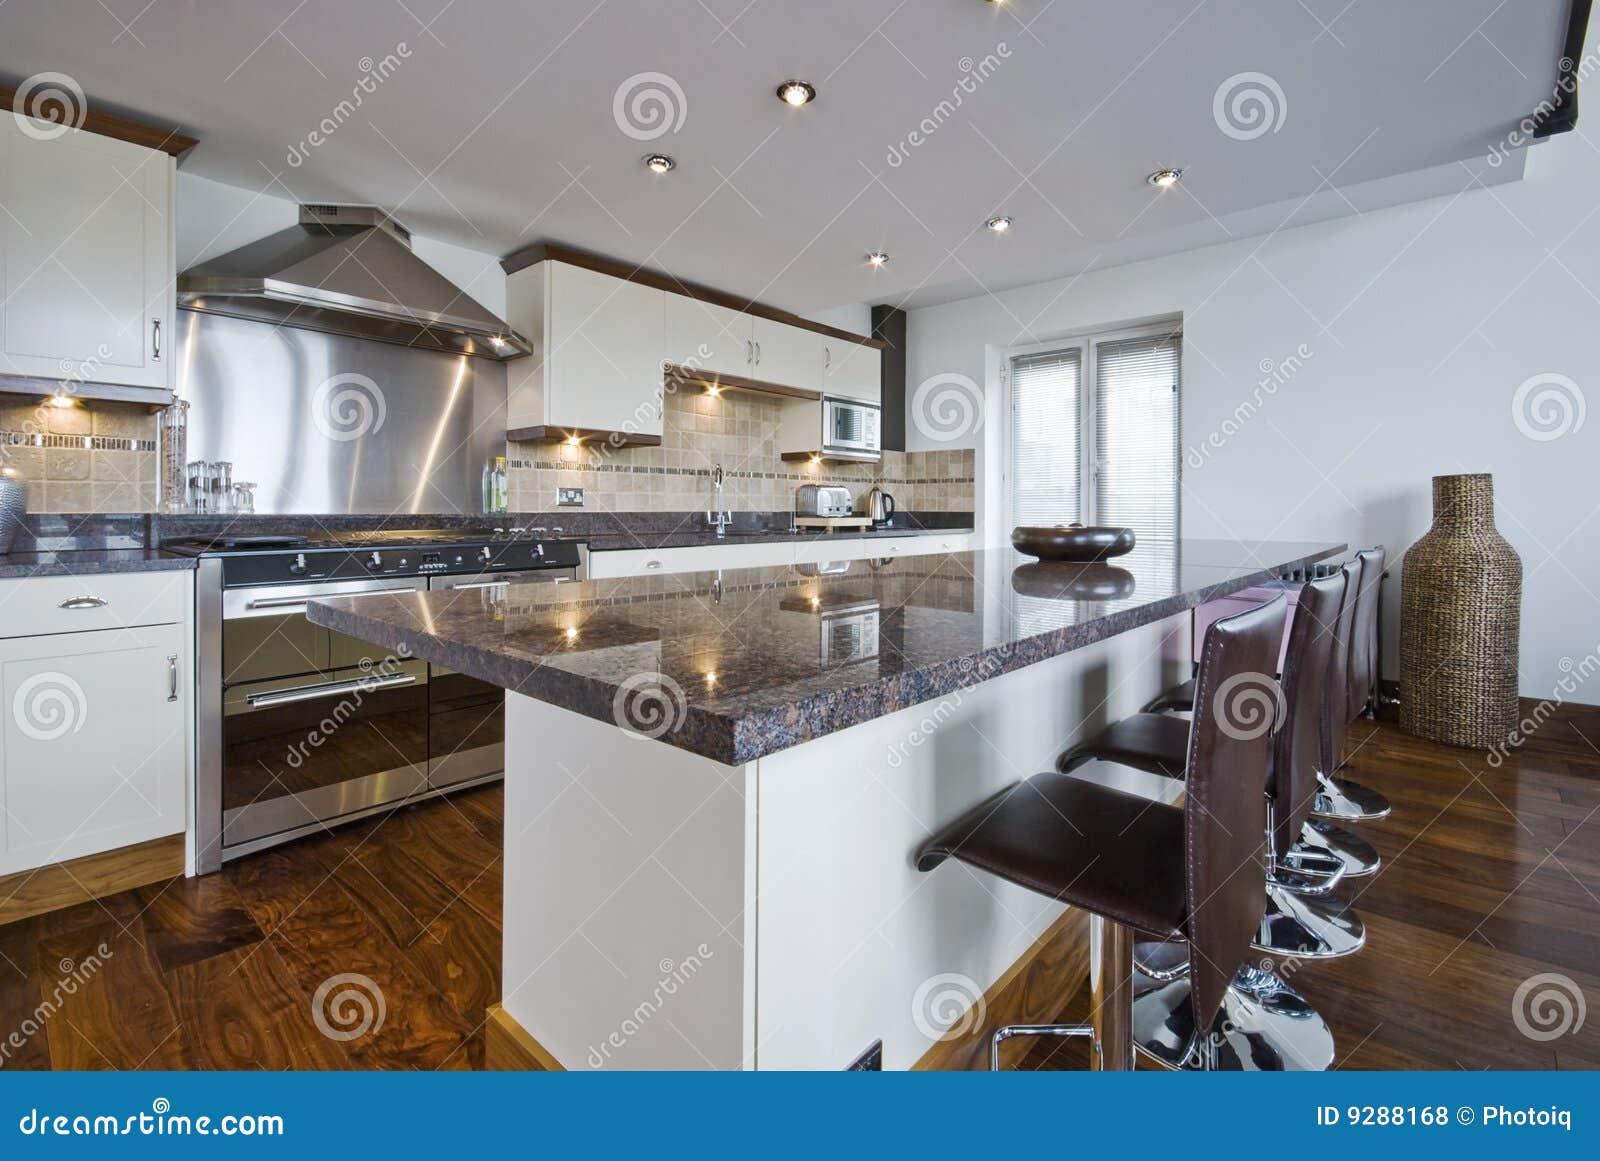 cuisine contemporaine avec un bar de d jeuner photos libres de droits image 9288168. Black Bedroom Furniture Sets. Home Design Ideas